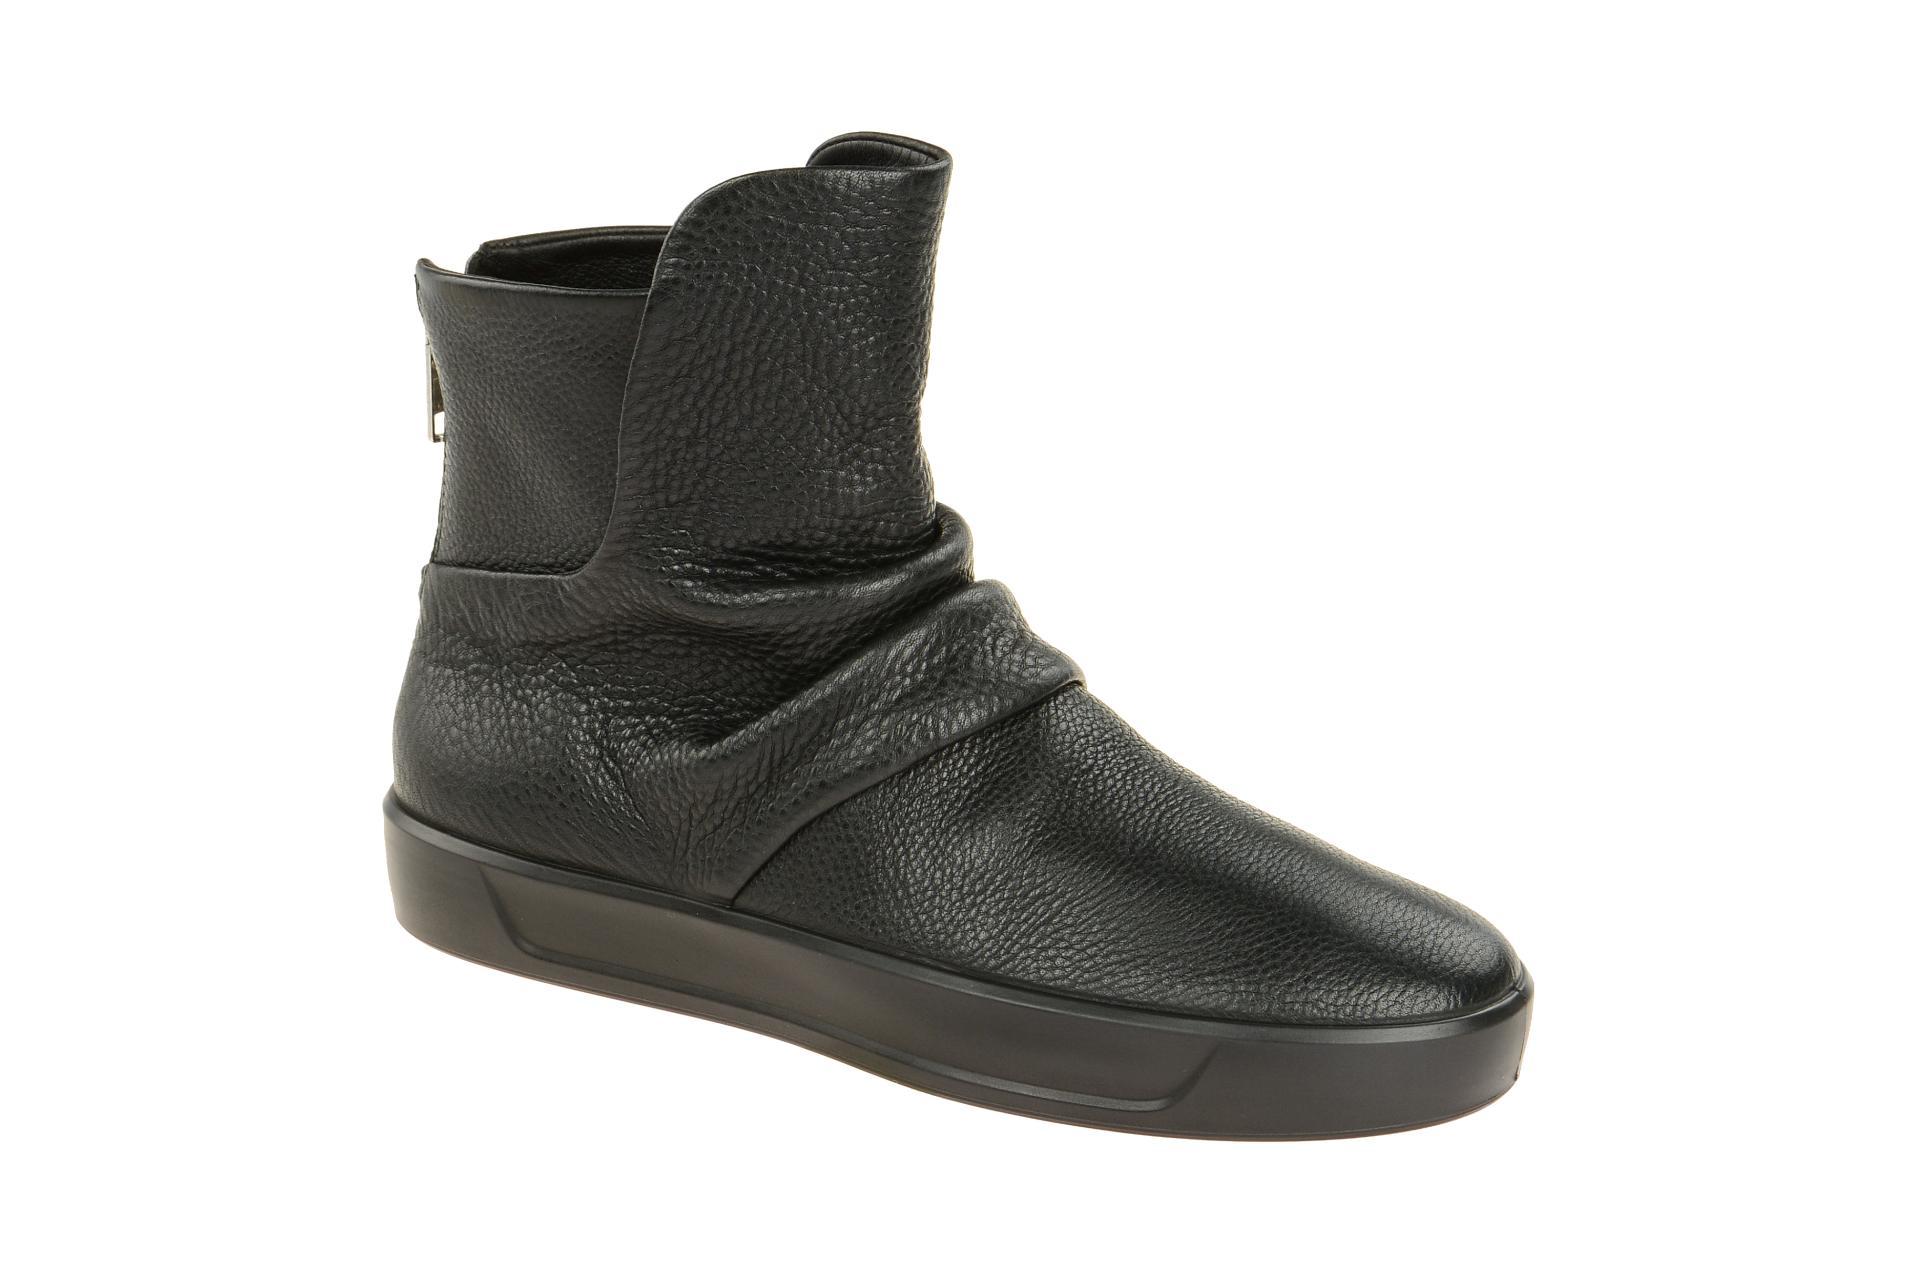 professionelles Design Repliken großer Verkauf Details zu Ecco Schuhe SOFT 8 LADIES schwarz Damen Stiefeletten 44056301001  NEU